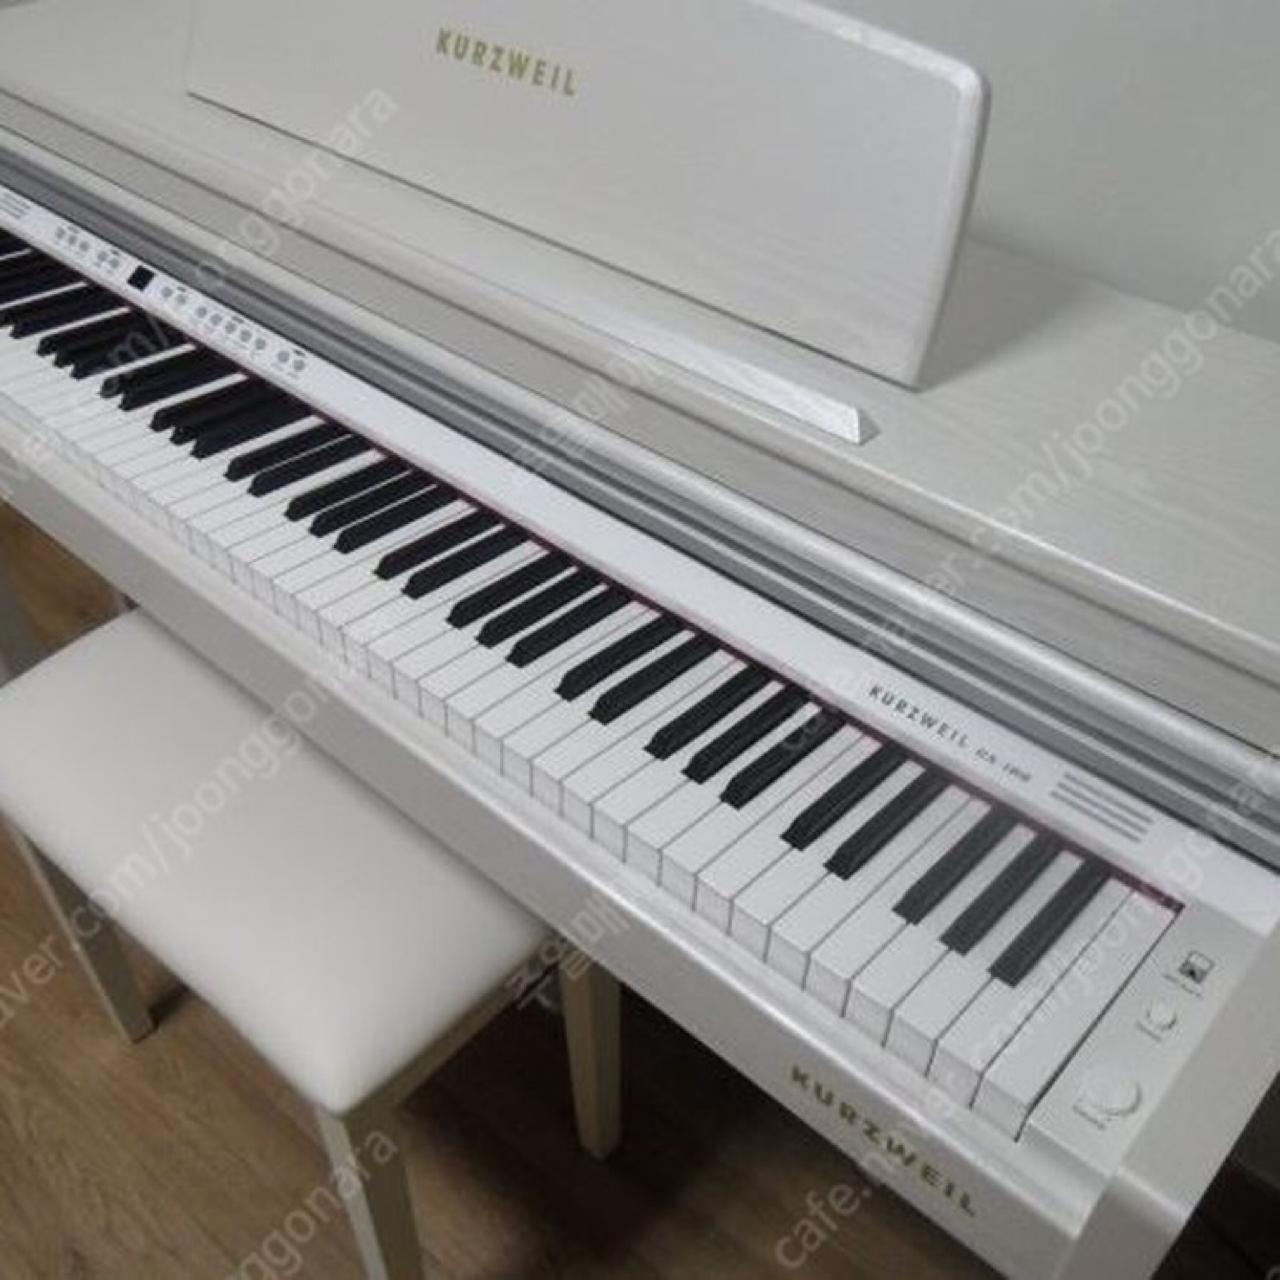 디지털피아노 커즈와일 ca-100 깨끗한상품 급처합니다